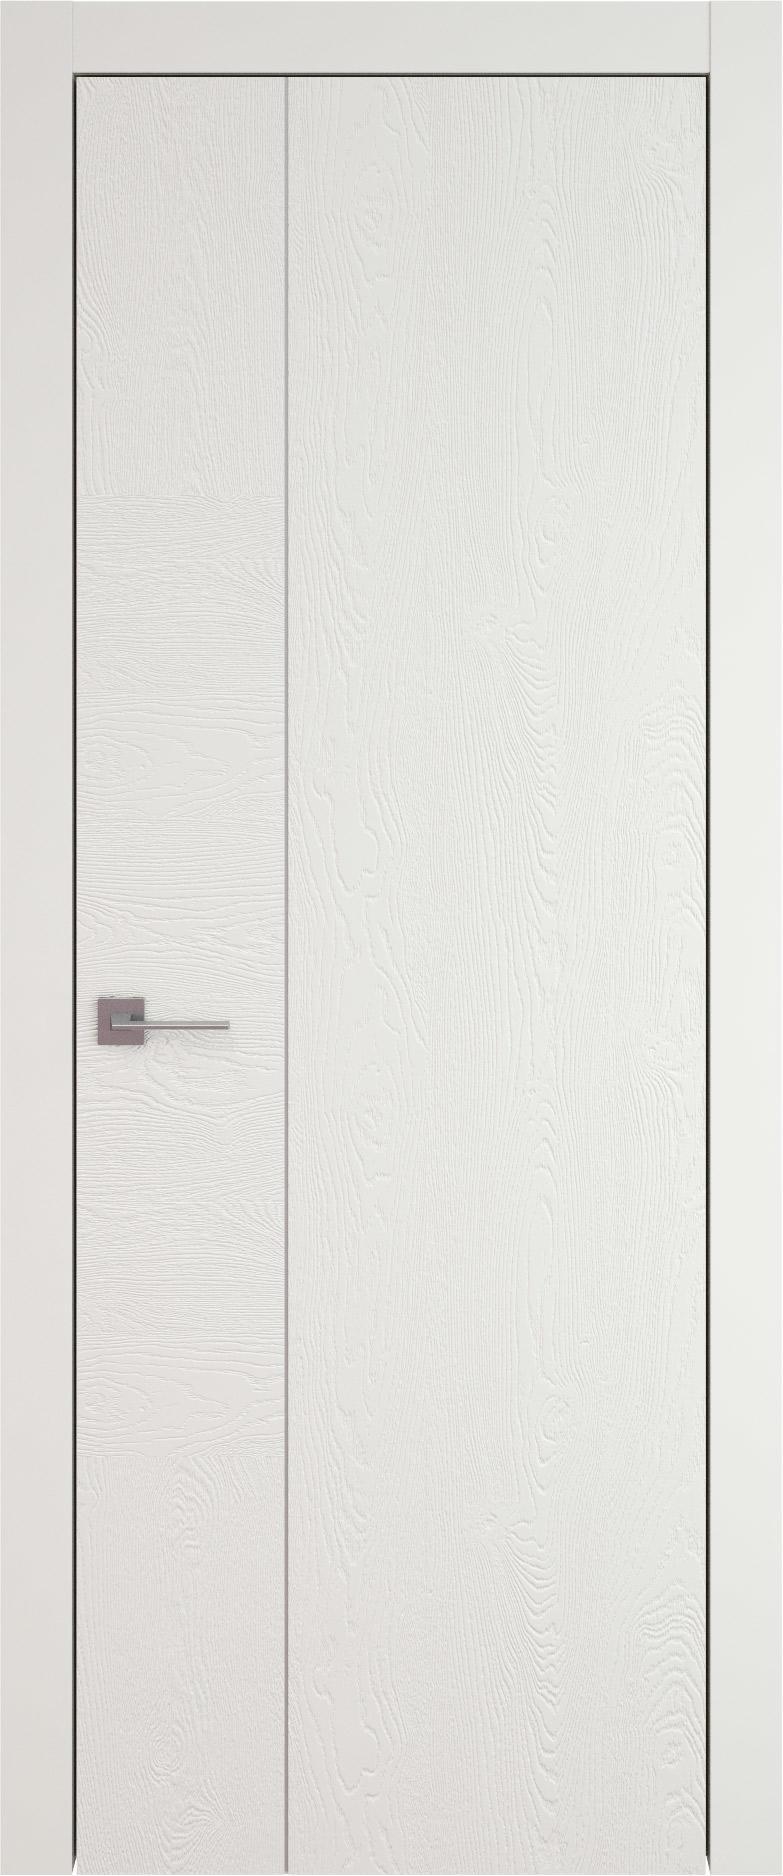 Tivoli В-1 цвет - Бежевая эмаль по шпону (RAL 9010) Без стекла (ДГ)